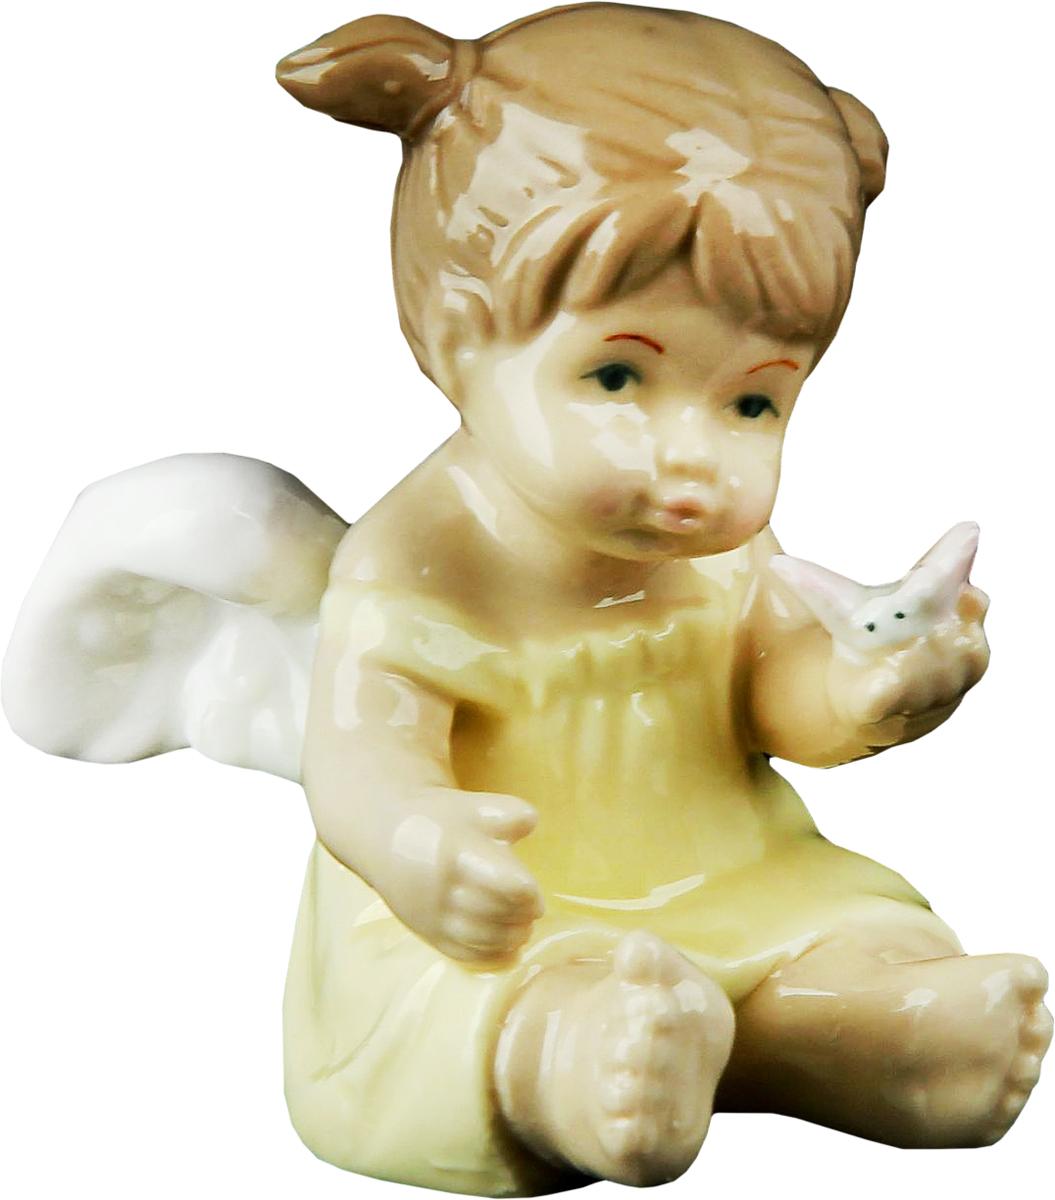 Сувенир пасхальный Sima-land Ангелочек Машенька в желтом платьице, 5 х 7 х 7 см700091Ангел в переводе с древнегреческого языка означает вестник, посланец, пусть этот сувенир Ангелочек Машенька в жёлтом платьице будет вашим личным посланником, который защитит вас и близких от невзгод. Преподнесите эту изящную статуэтку на Пасху в корзинке с разноцветными яйцами, на Рождество вместе с конфетками, в День ангела со сладким тортом или в любой другой день, ведь для такого подарка со смыслом не обязательно нужен повод.